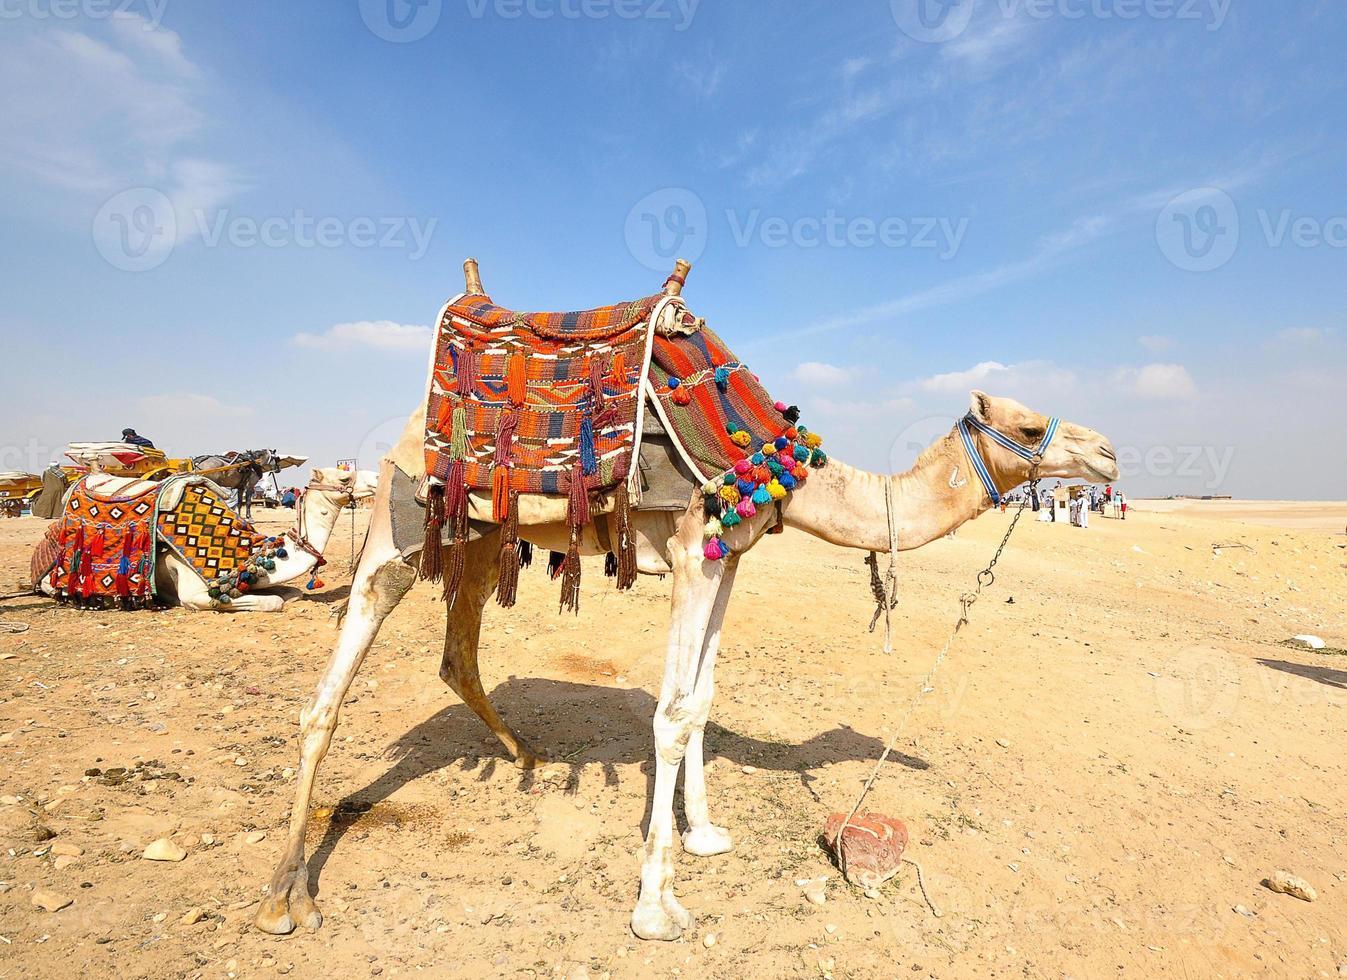 Kamel auf Wüste foto